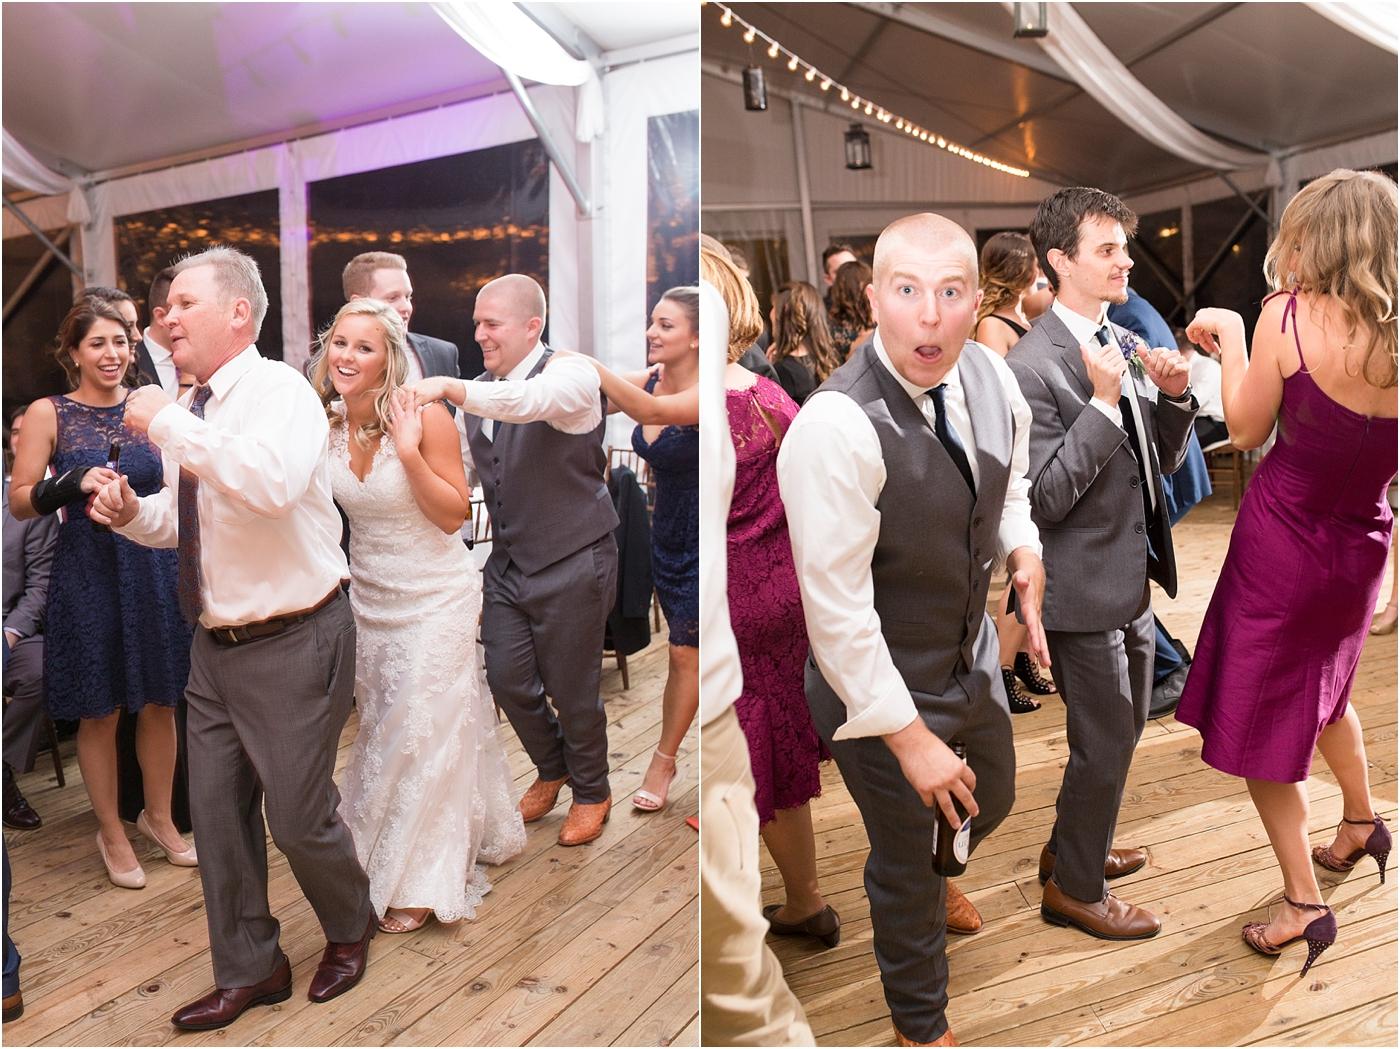 Walkers-Overlook-Wedding-123.jpg